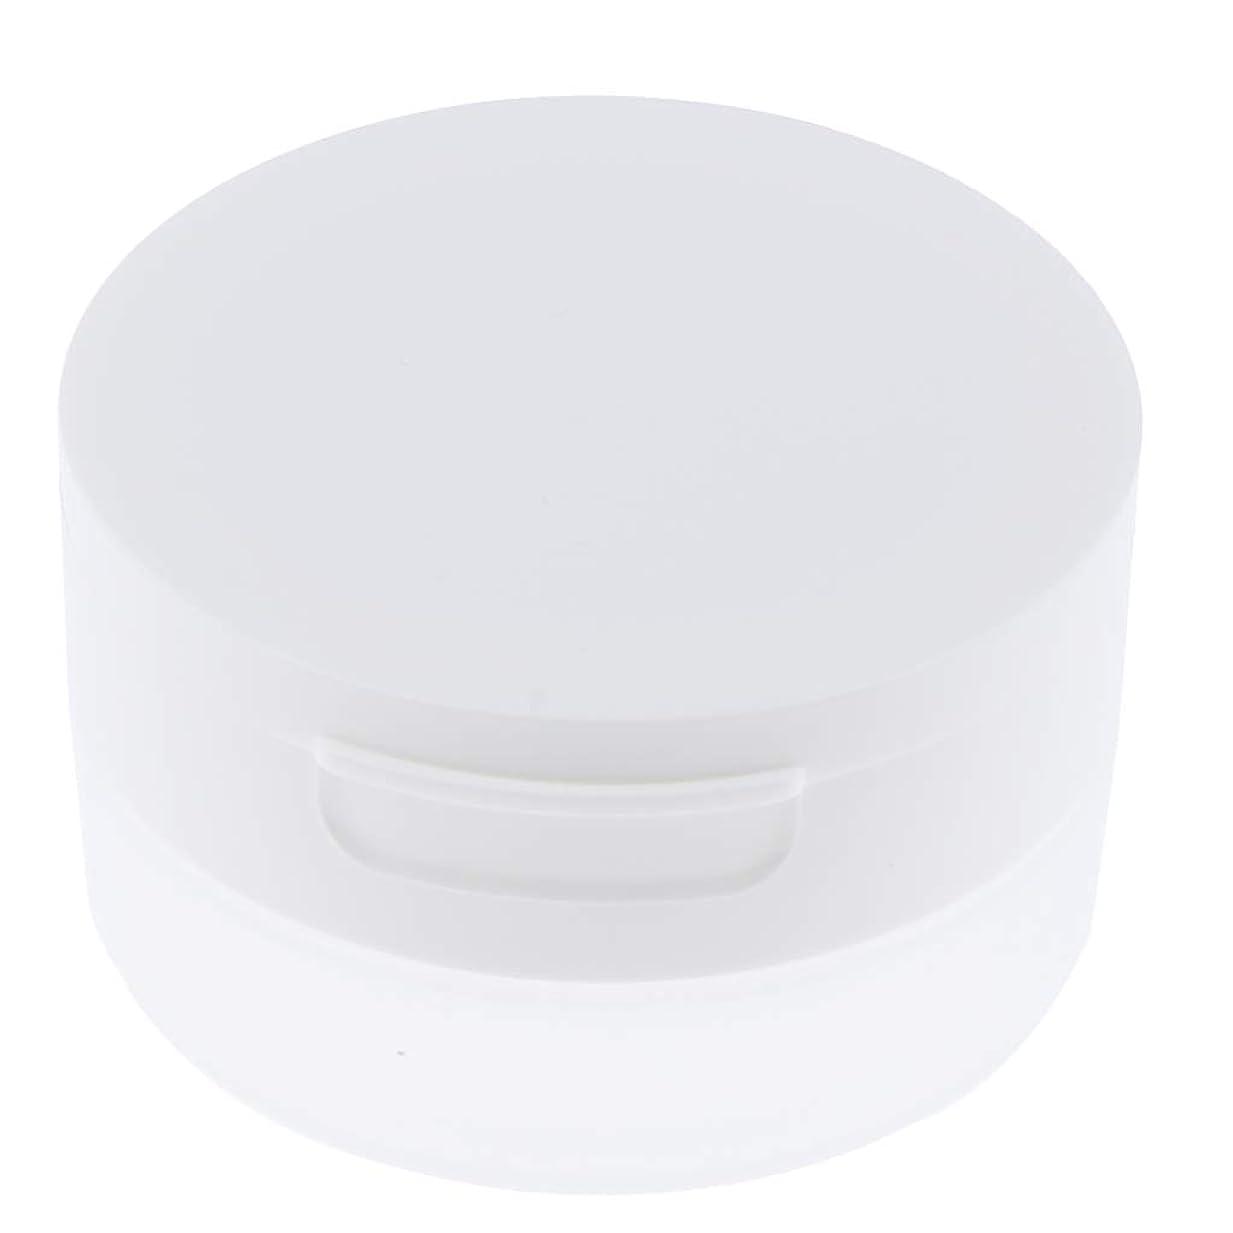 影響脳噂Perfeclan ルースパウダーケース 旅行 空ケース メイクアップ パウダー 容器 ポット 2サイズ選べ - 50g